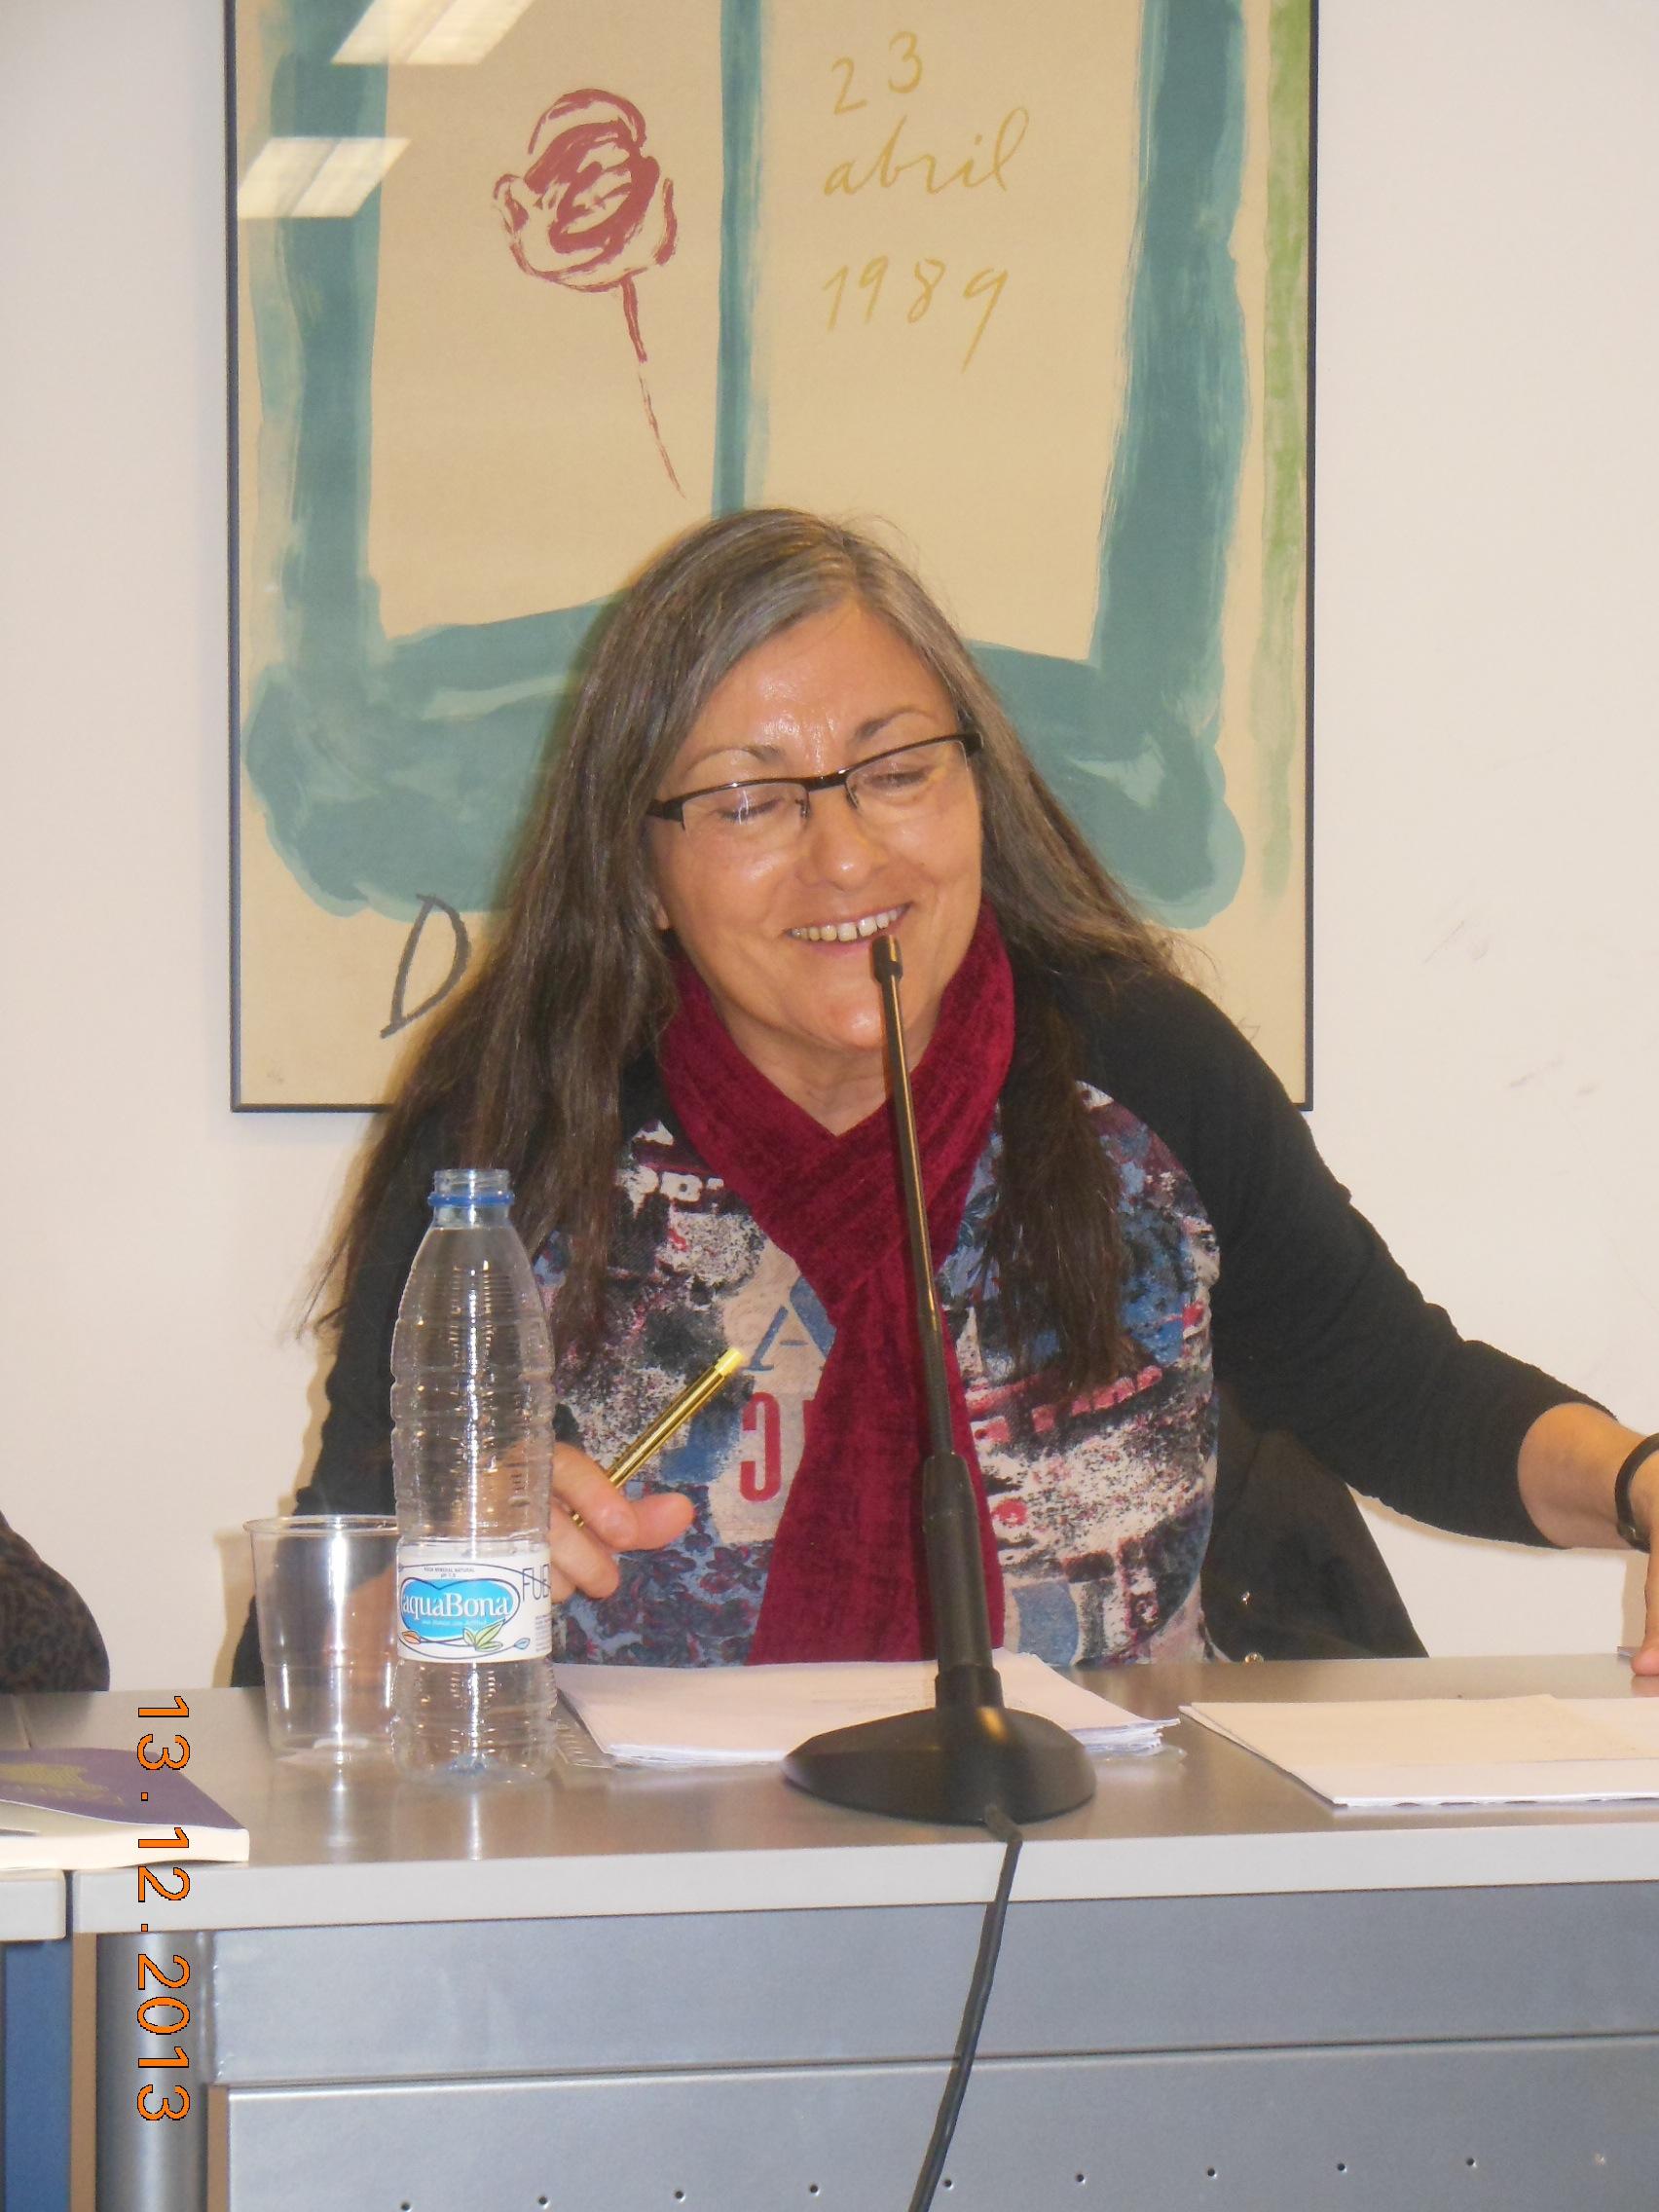 Anna Rossell. Tertulia del Laberinto de Ariadna, Ateneo Barcelonés, 2013